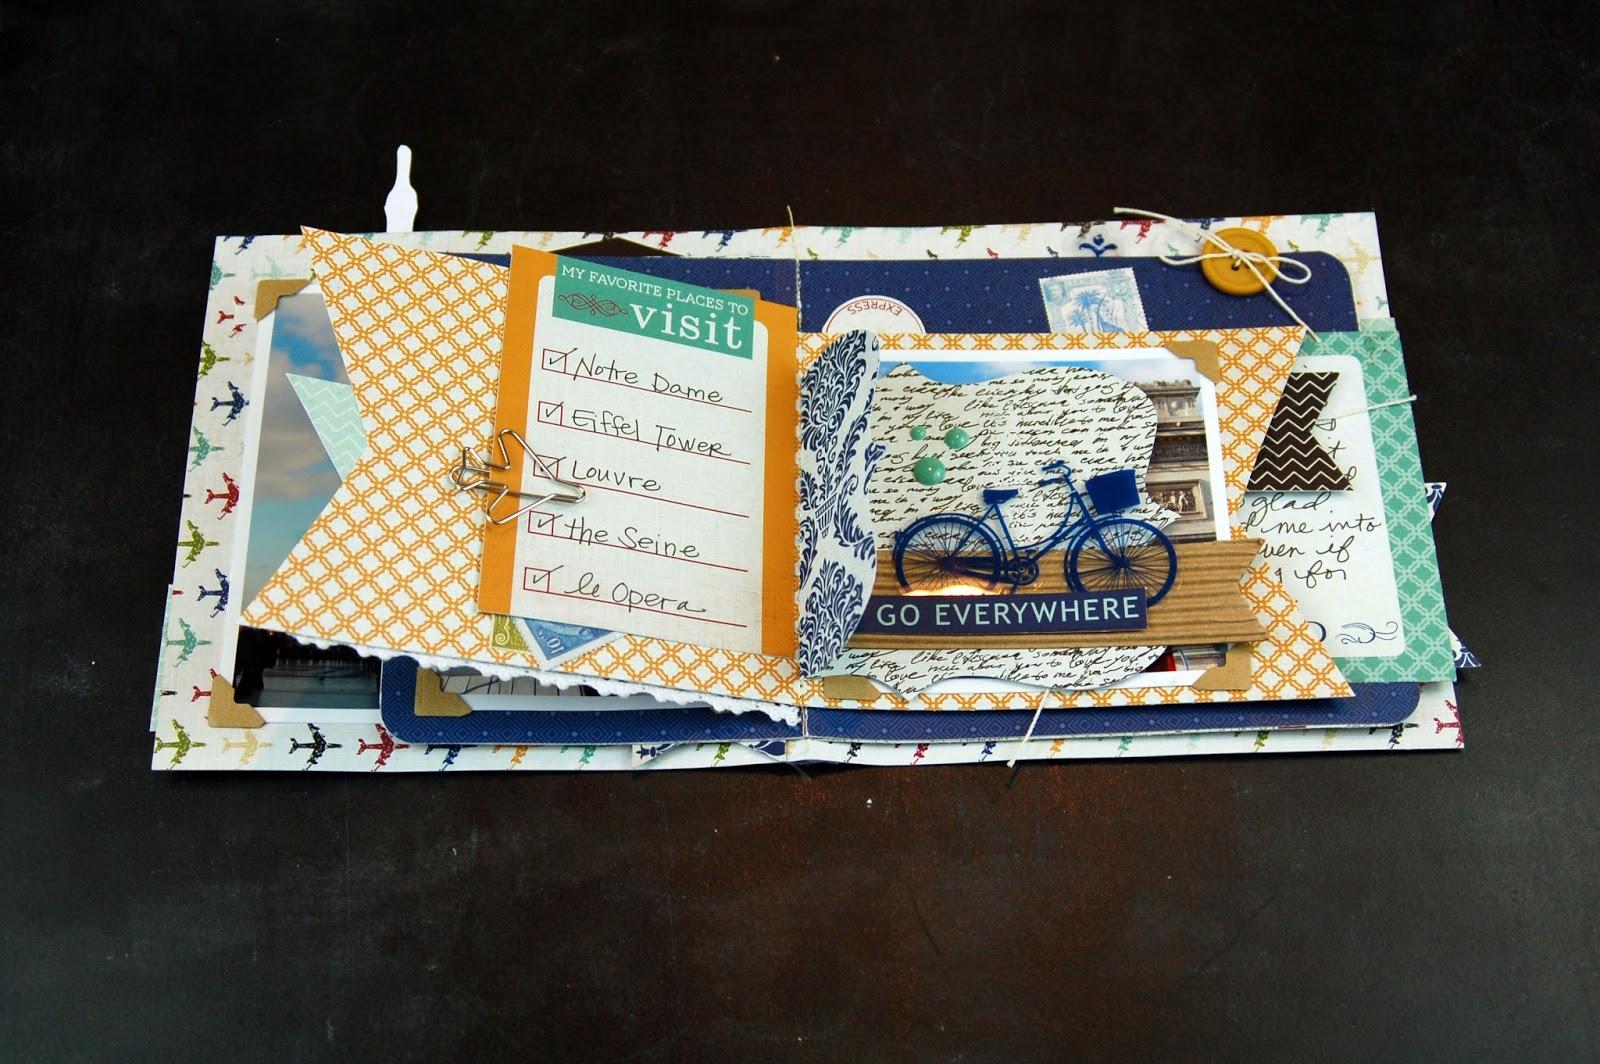 How to scrapbook a mini album - A Machine Stitched Travel Scrapbooking Album